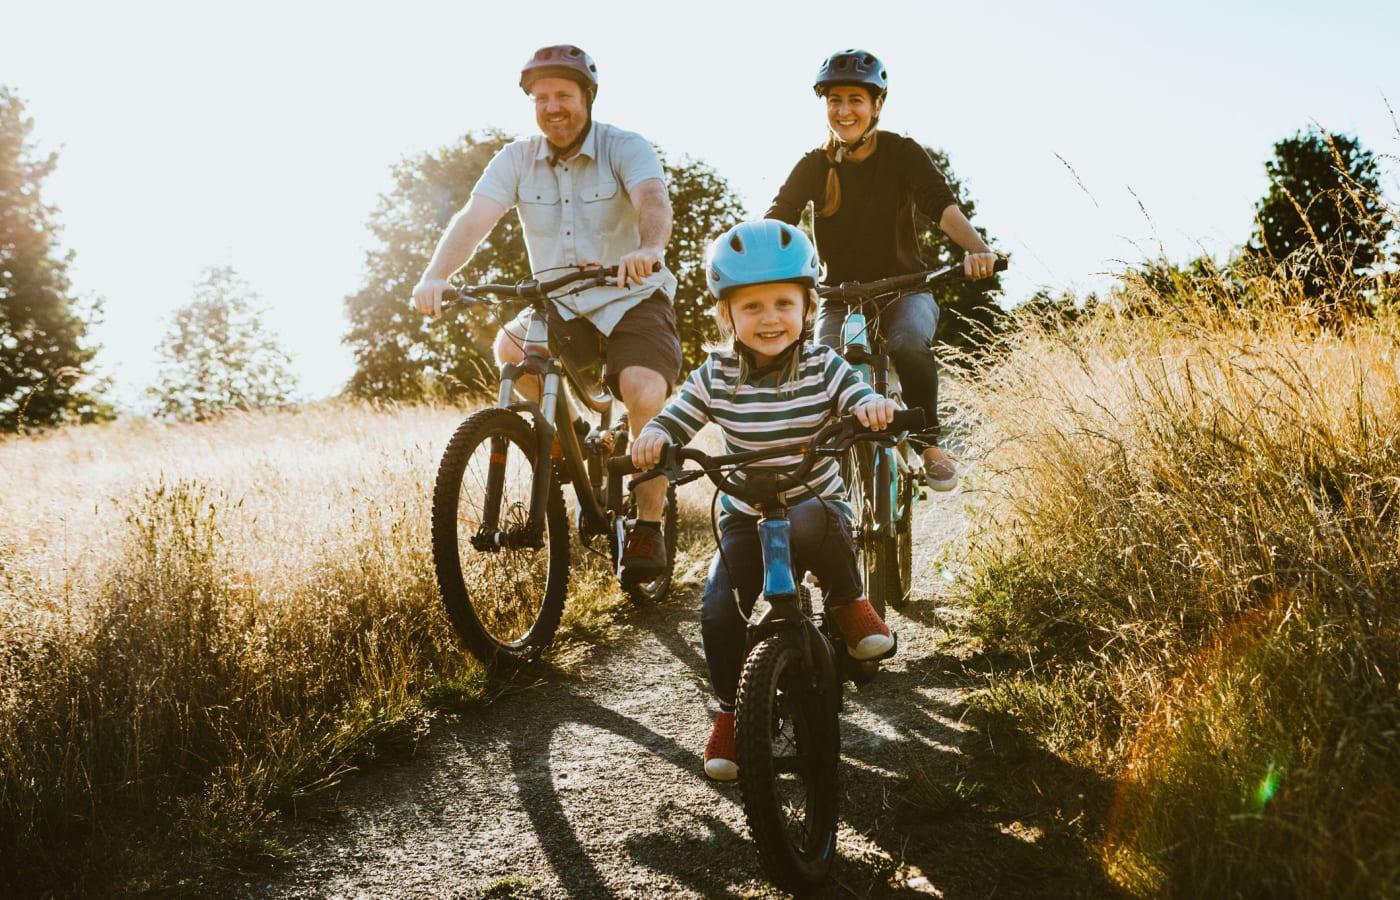 Family riding bikes near Trillium Apartments in Edmonds, Washington